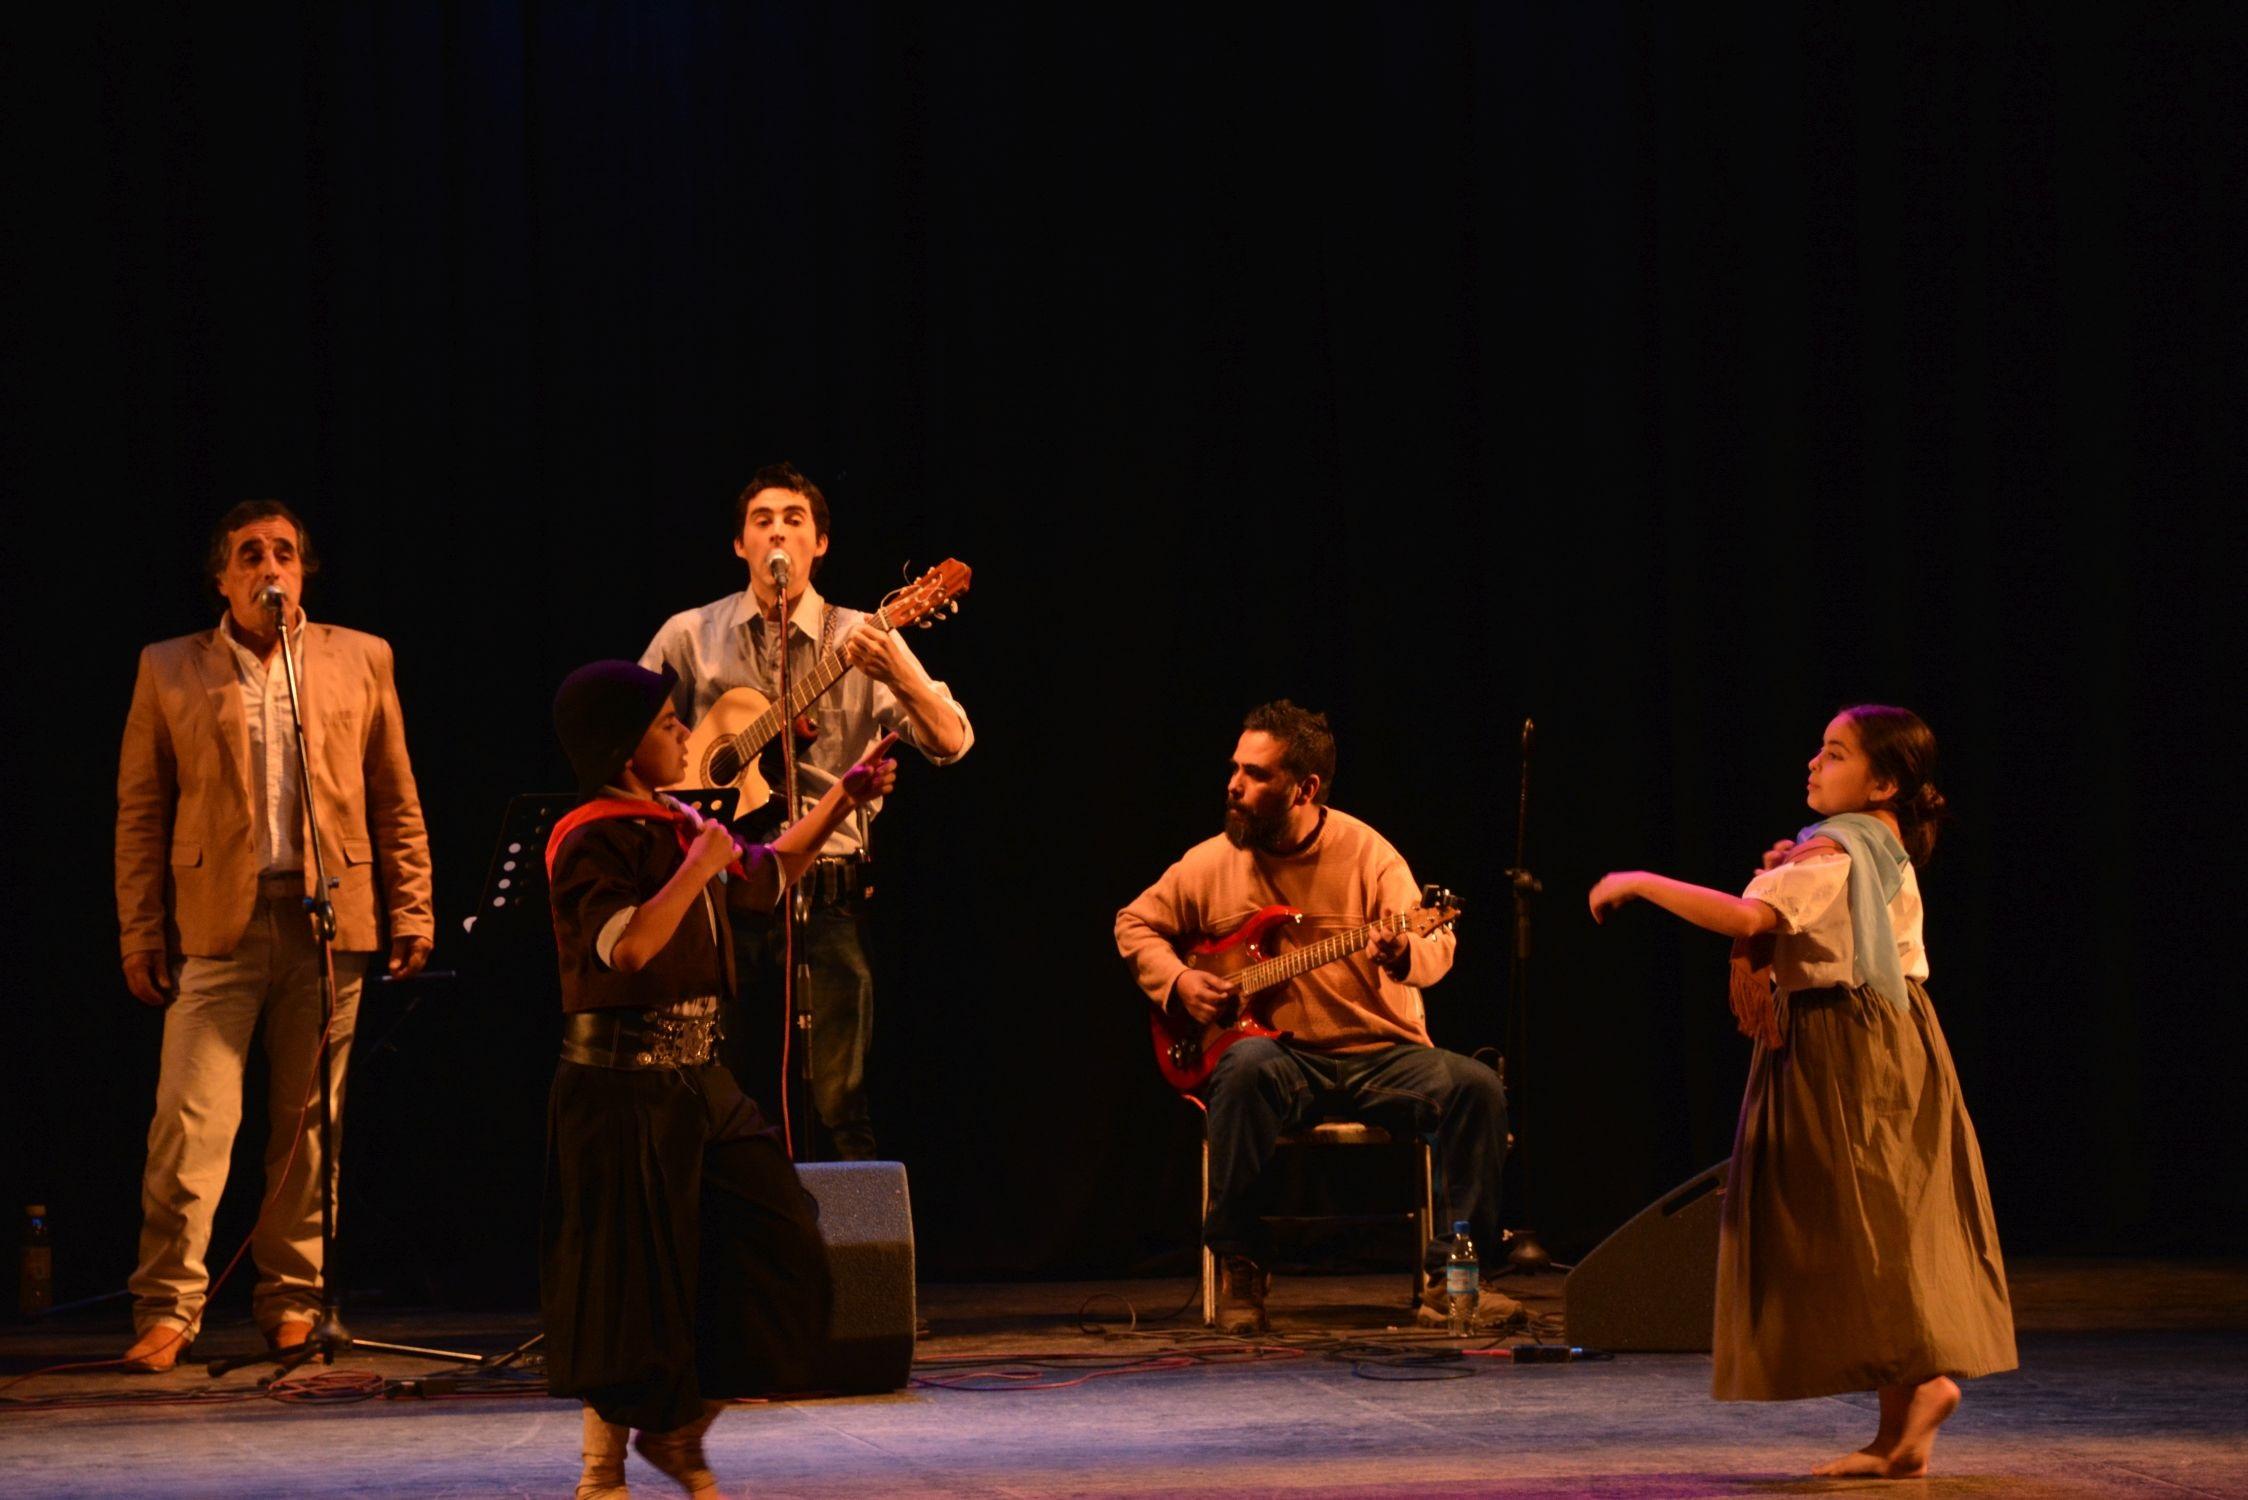 Con más de 100 espectáculos arranca la Semana del Folklore - La Capital de Mar del Plata